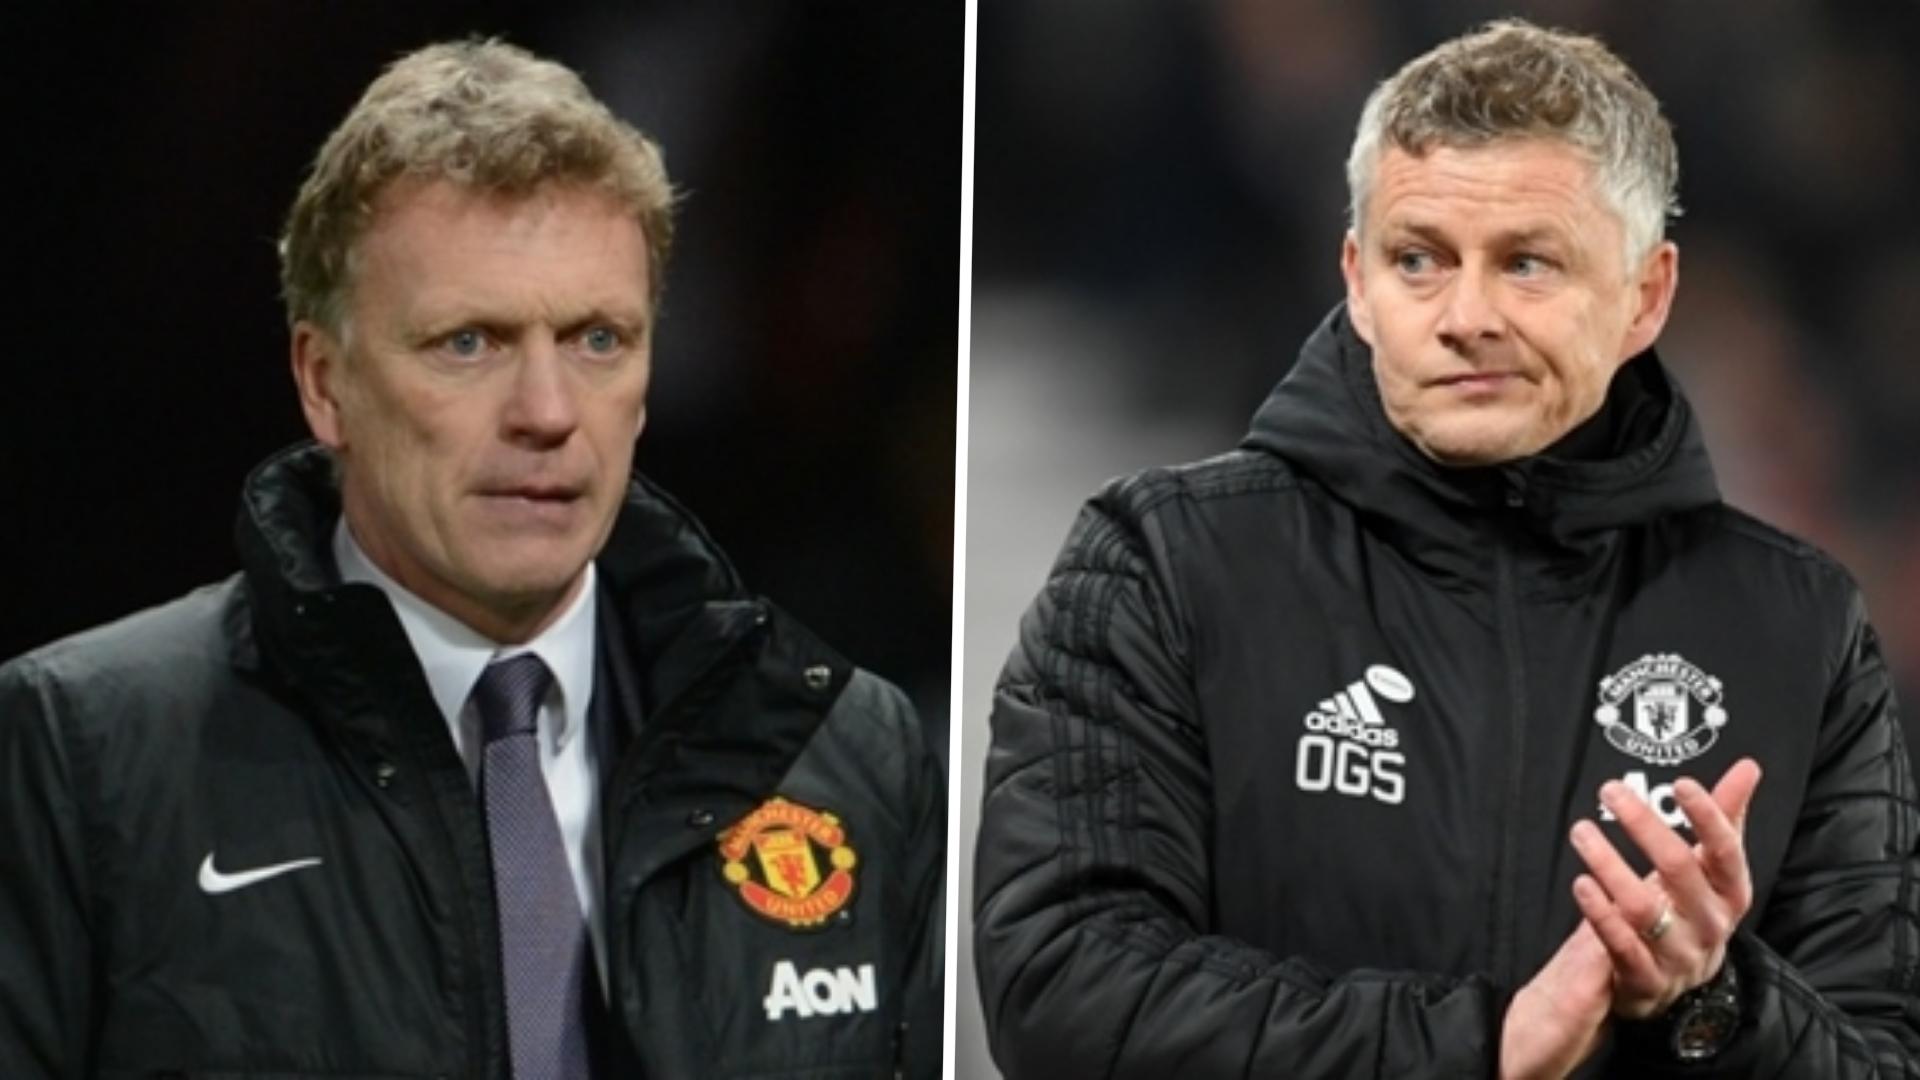 Manchester United's Solskjaer backs De Gea after FA Cup blunders